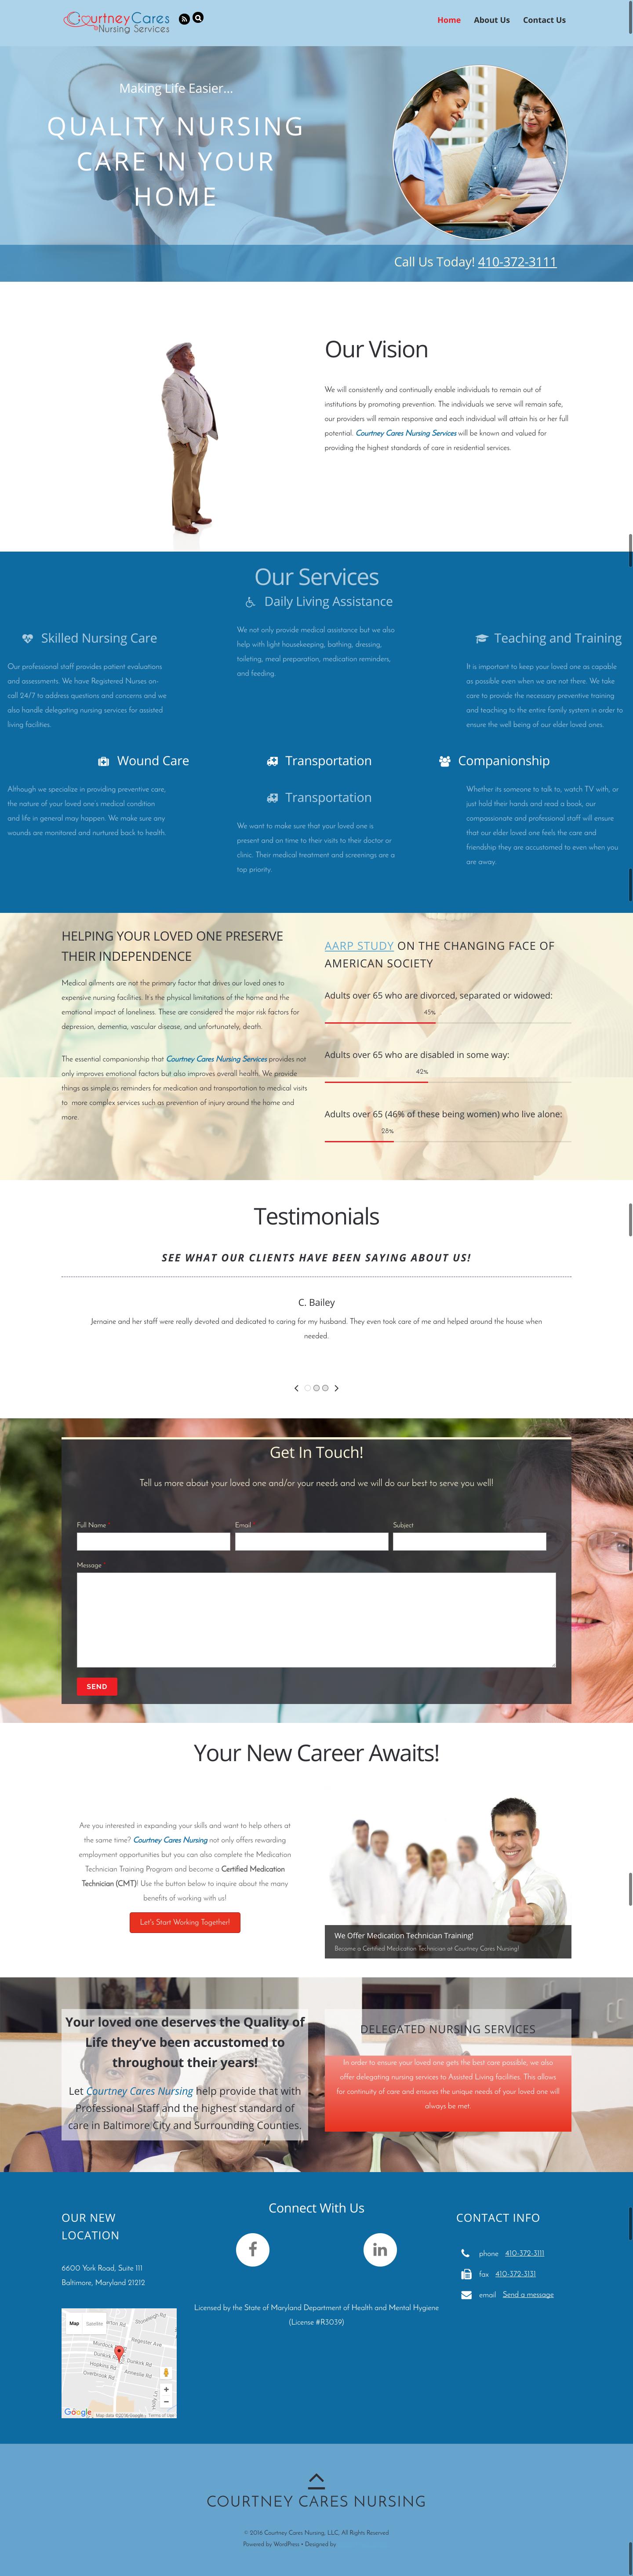 web design for courtney cares nursing